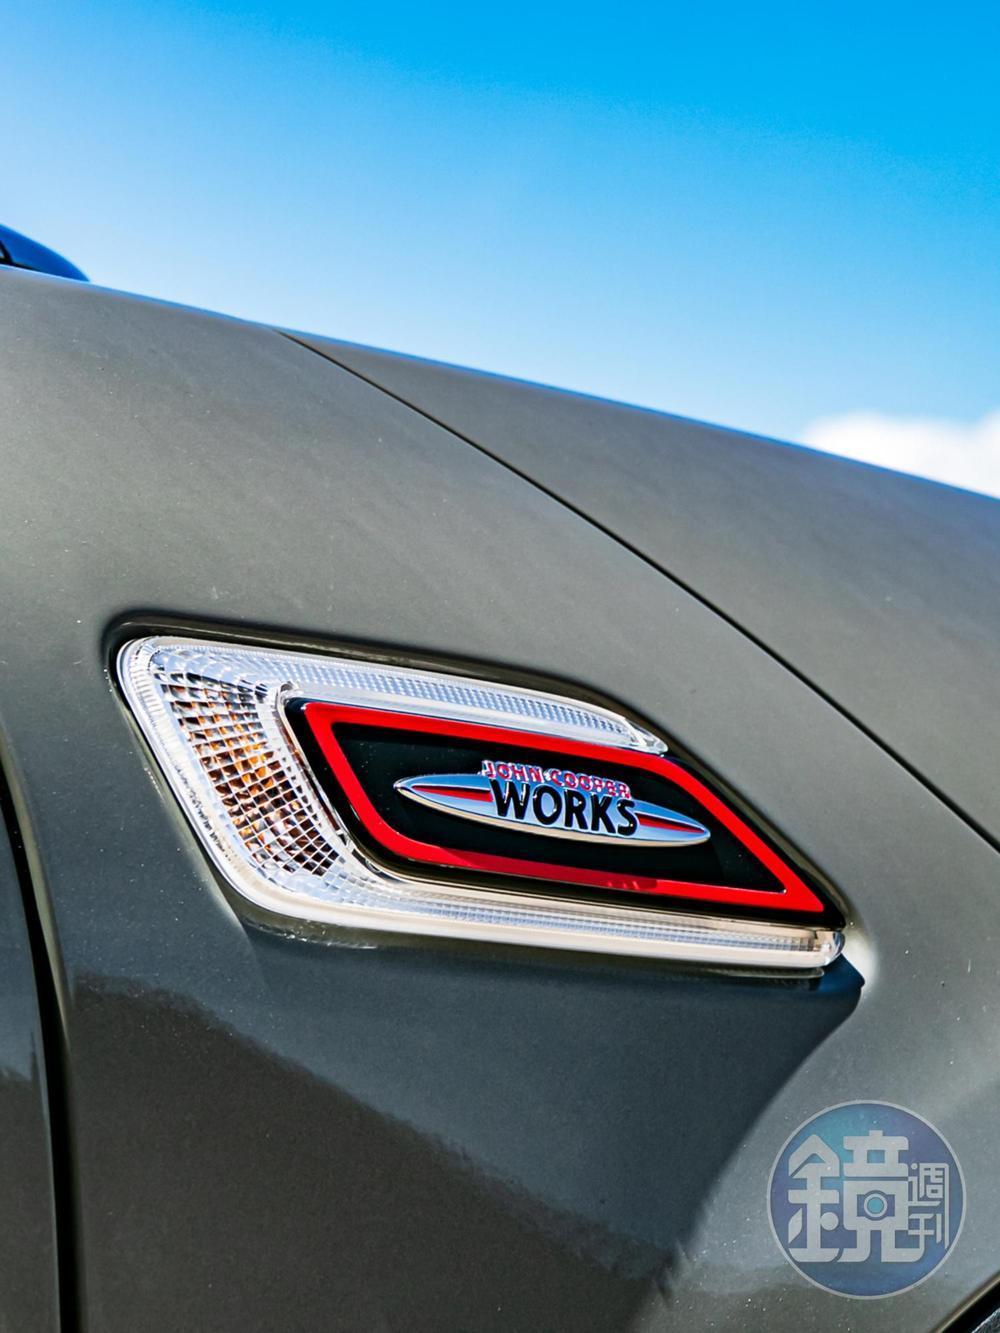 搶眼的「JCW 專屬徽飾」隨處可見。